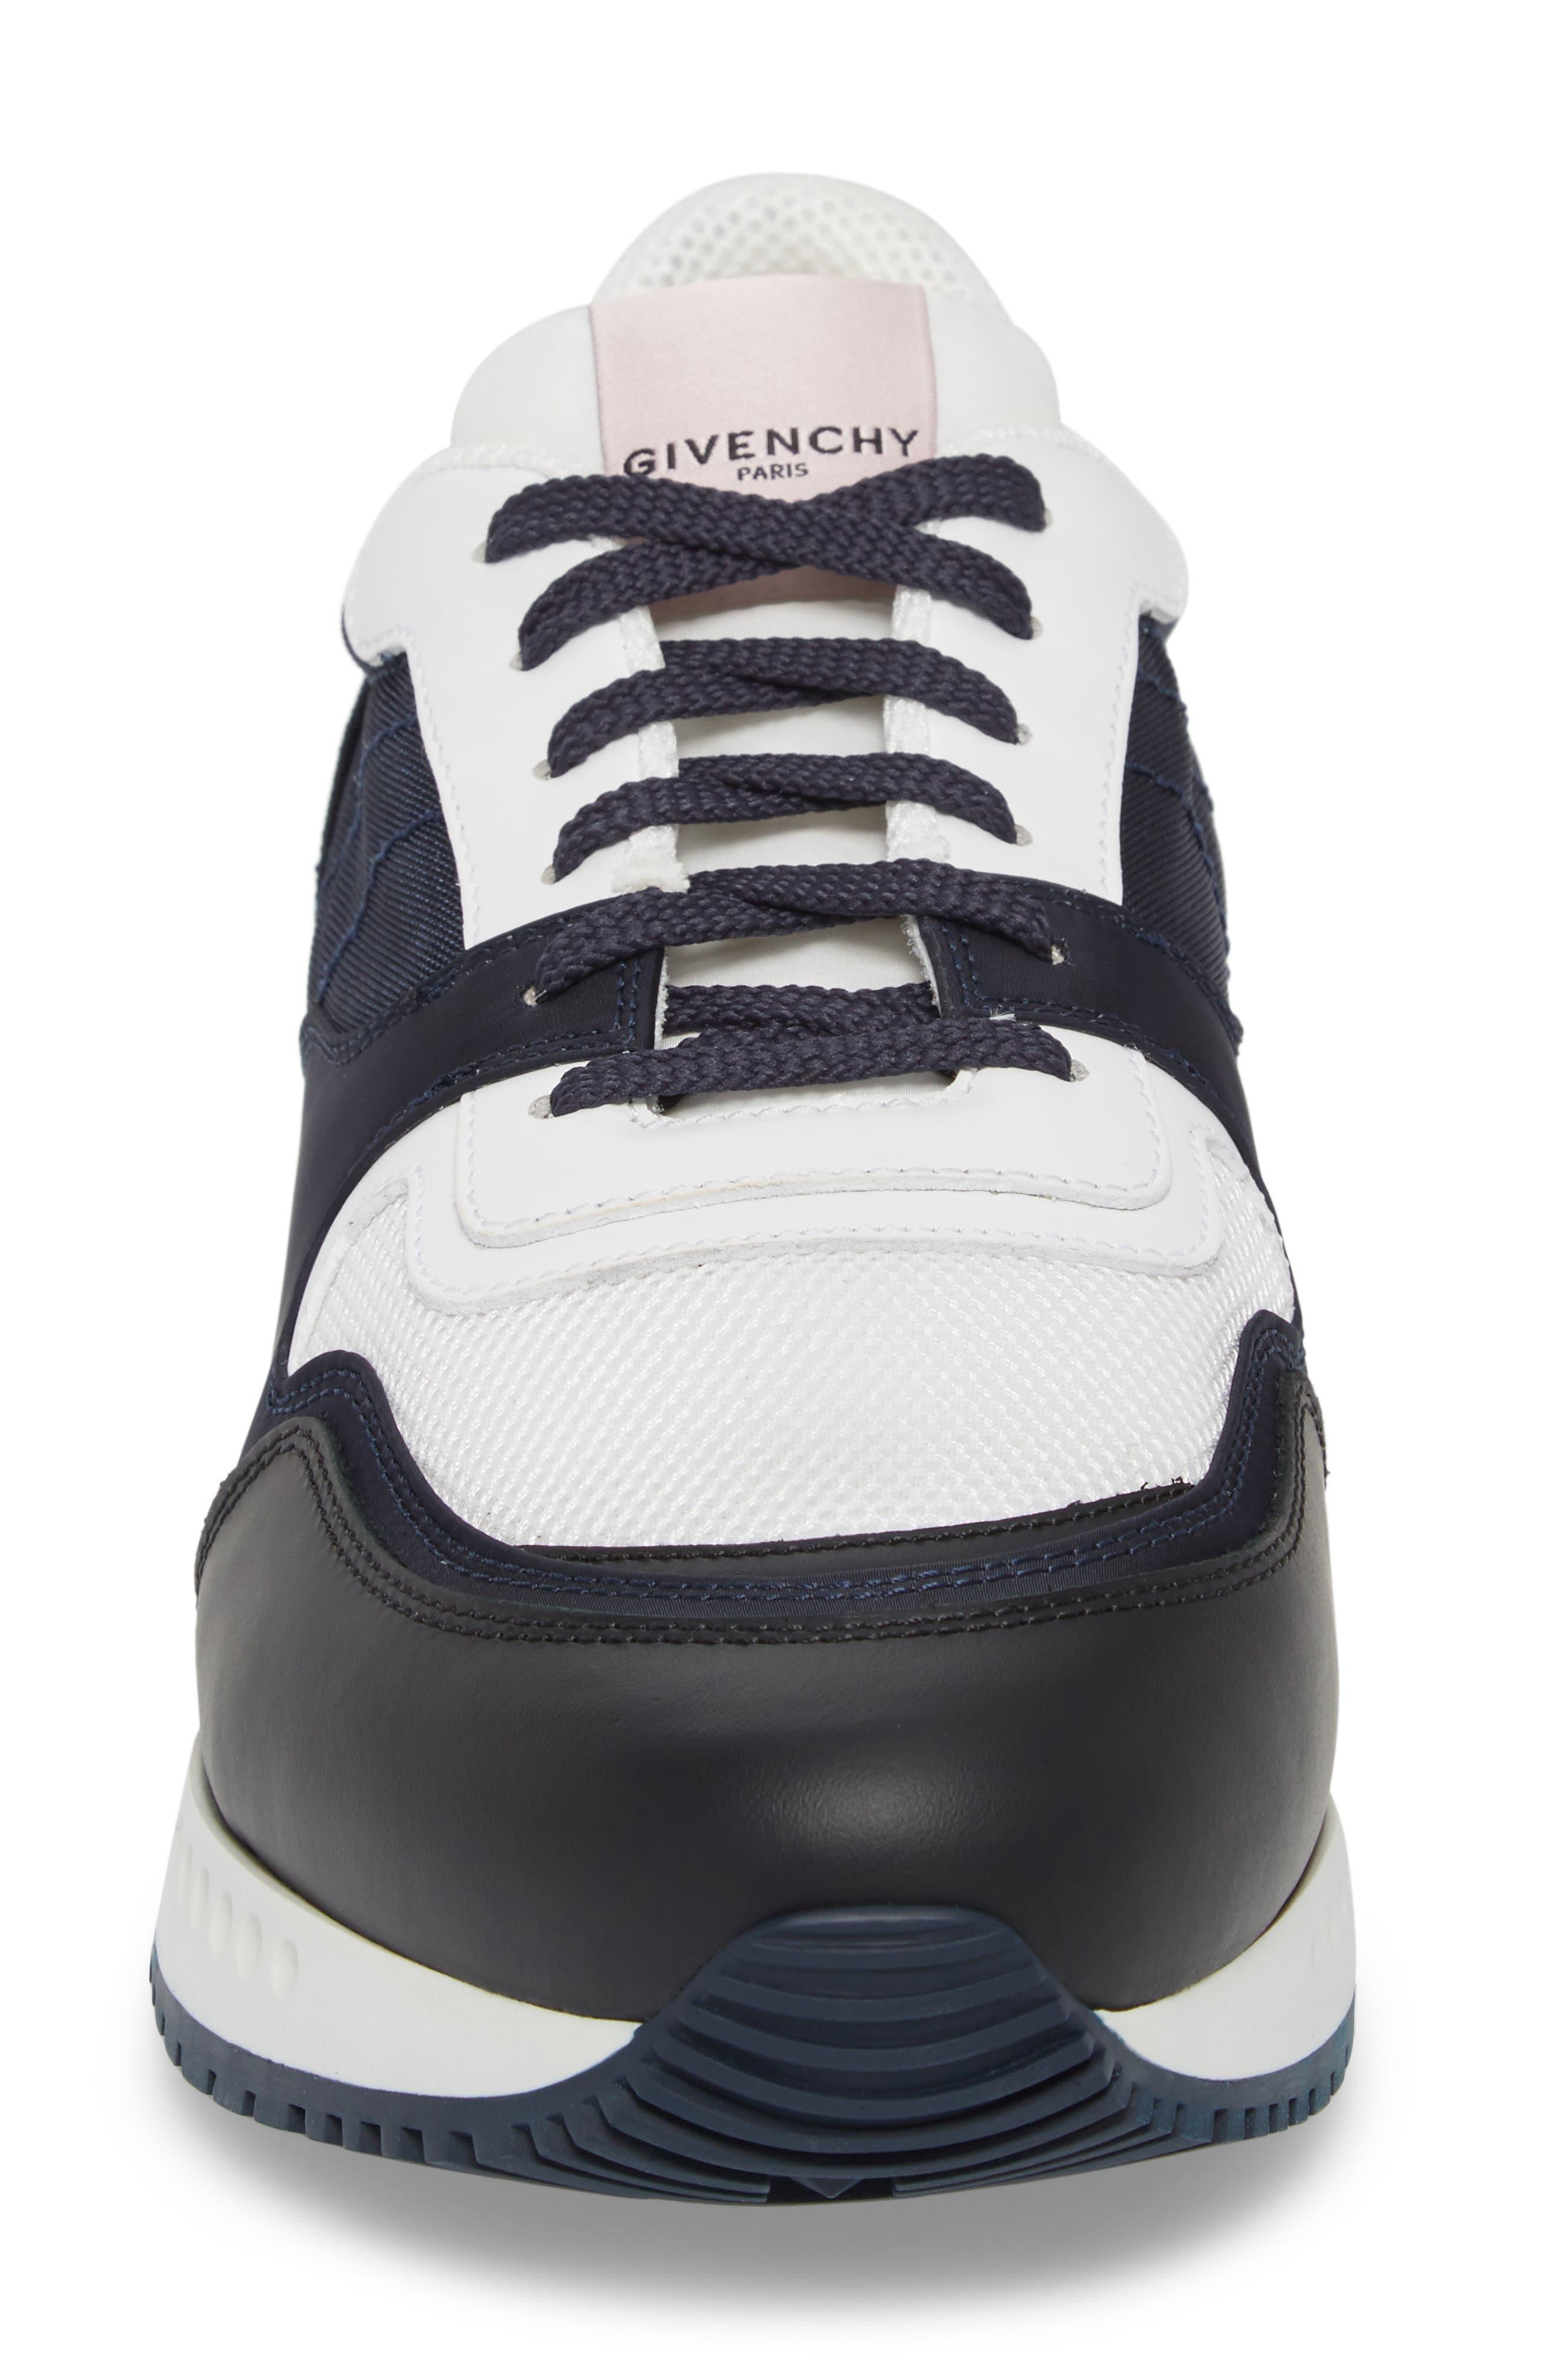 Alternate Image 4  - Givenchy 'Active Runner' Sneaker (Men)